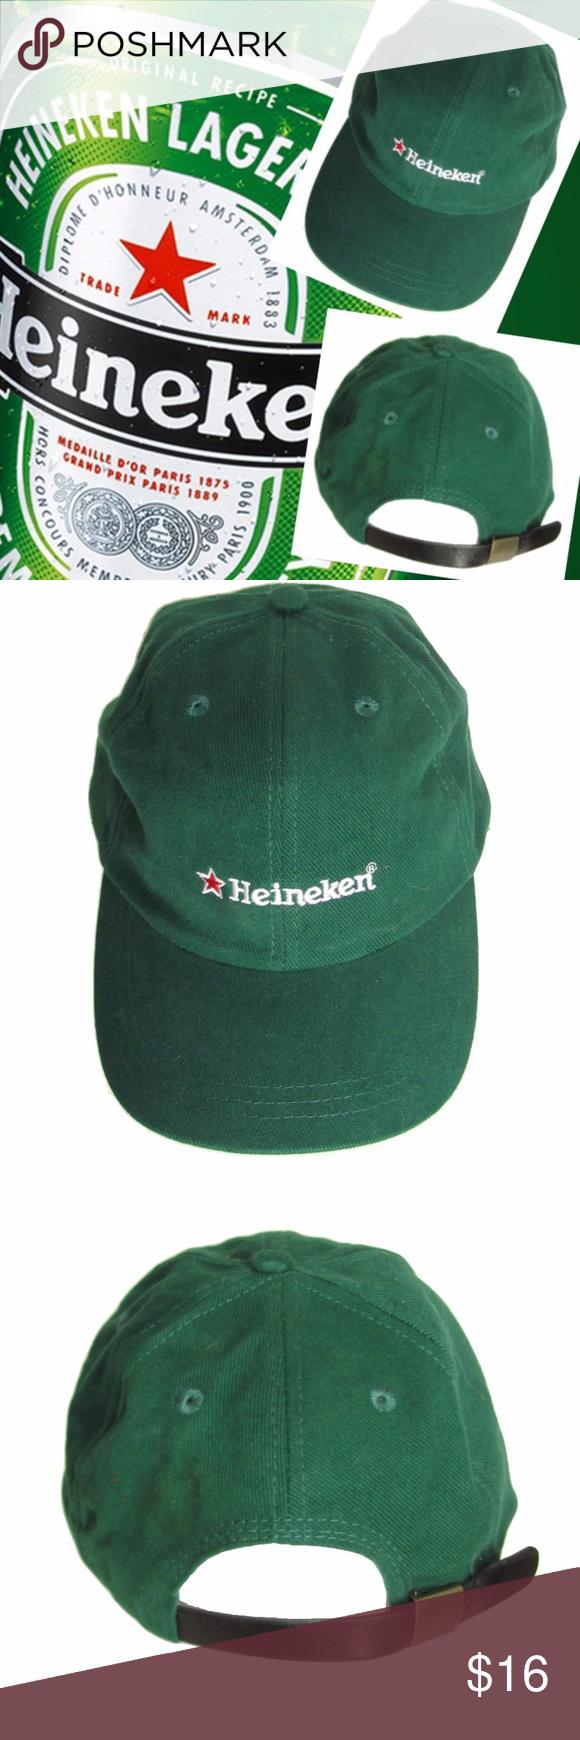 Heineken Beer Baseball Cap Green Hat Leather Strap Heineken Beer baseball  cap. Solid green cotton hat with embroidered Heineken logo. a75d6580e0a